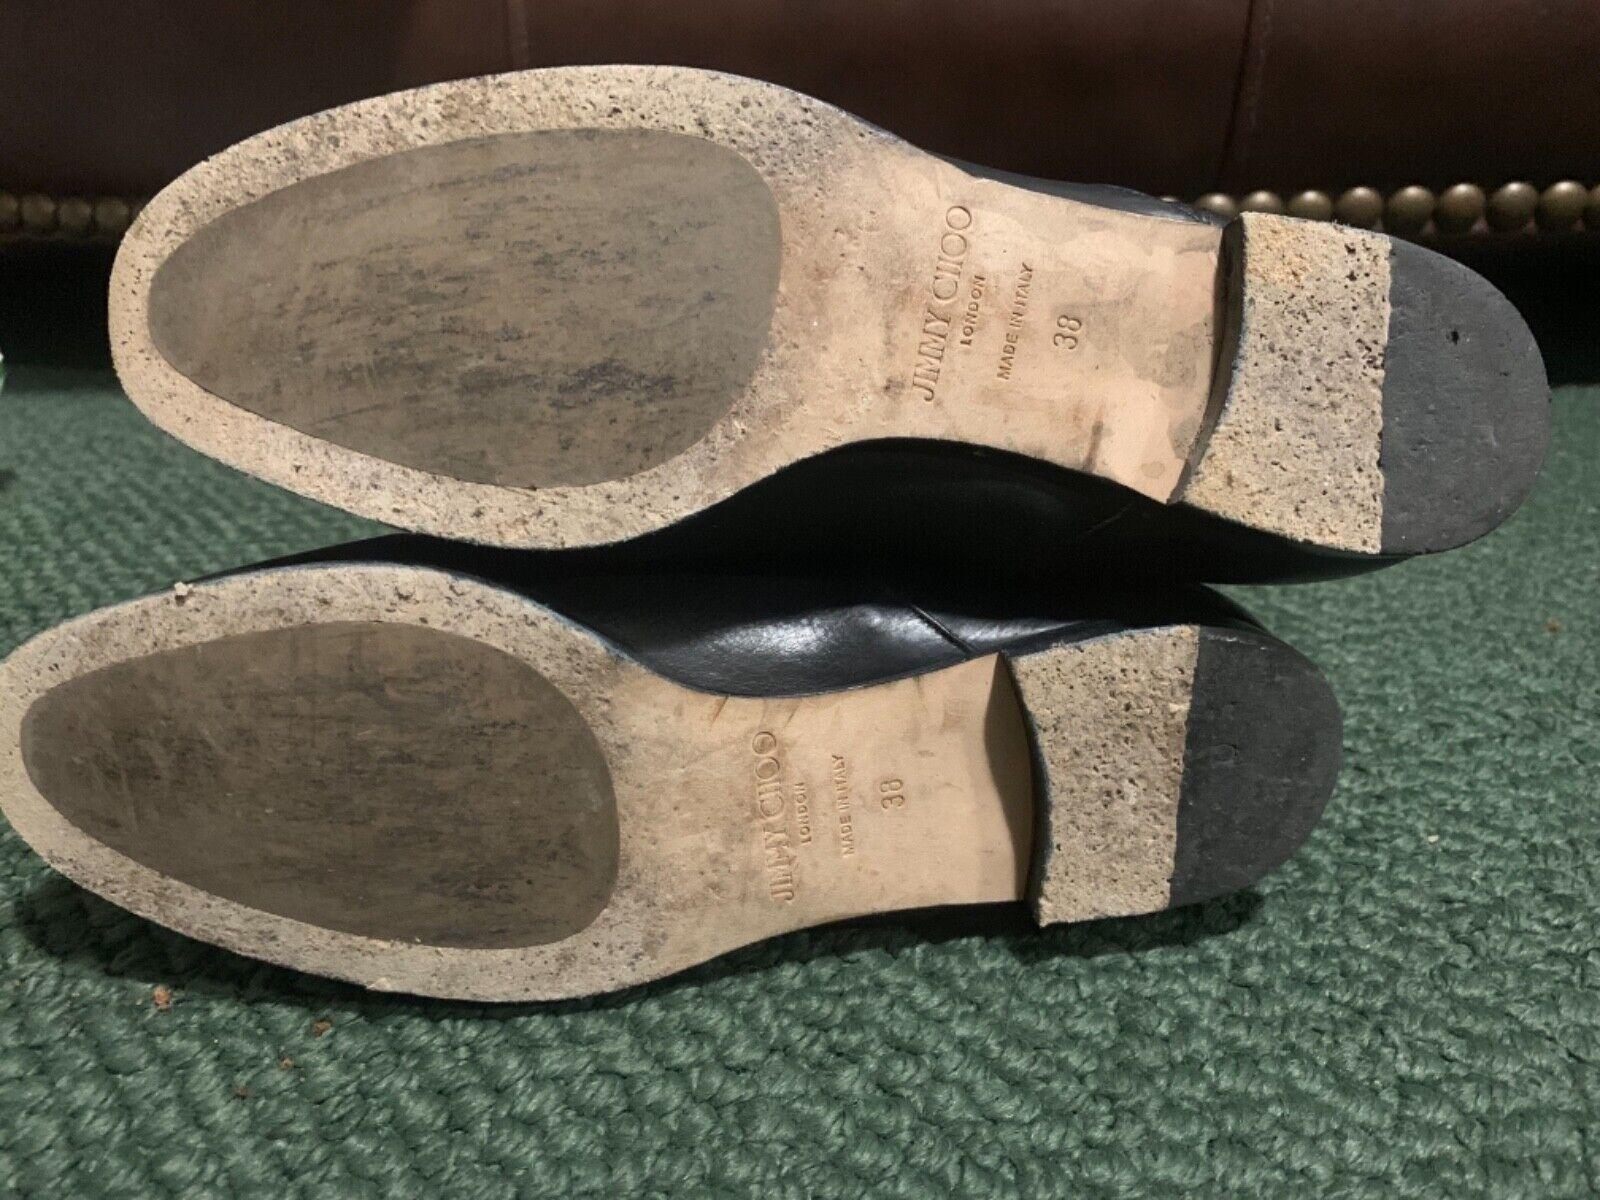 Jimmy Jimmy Jimmy Choo schwarz leather Stiefel 38 8b1de3